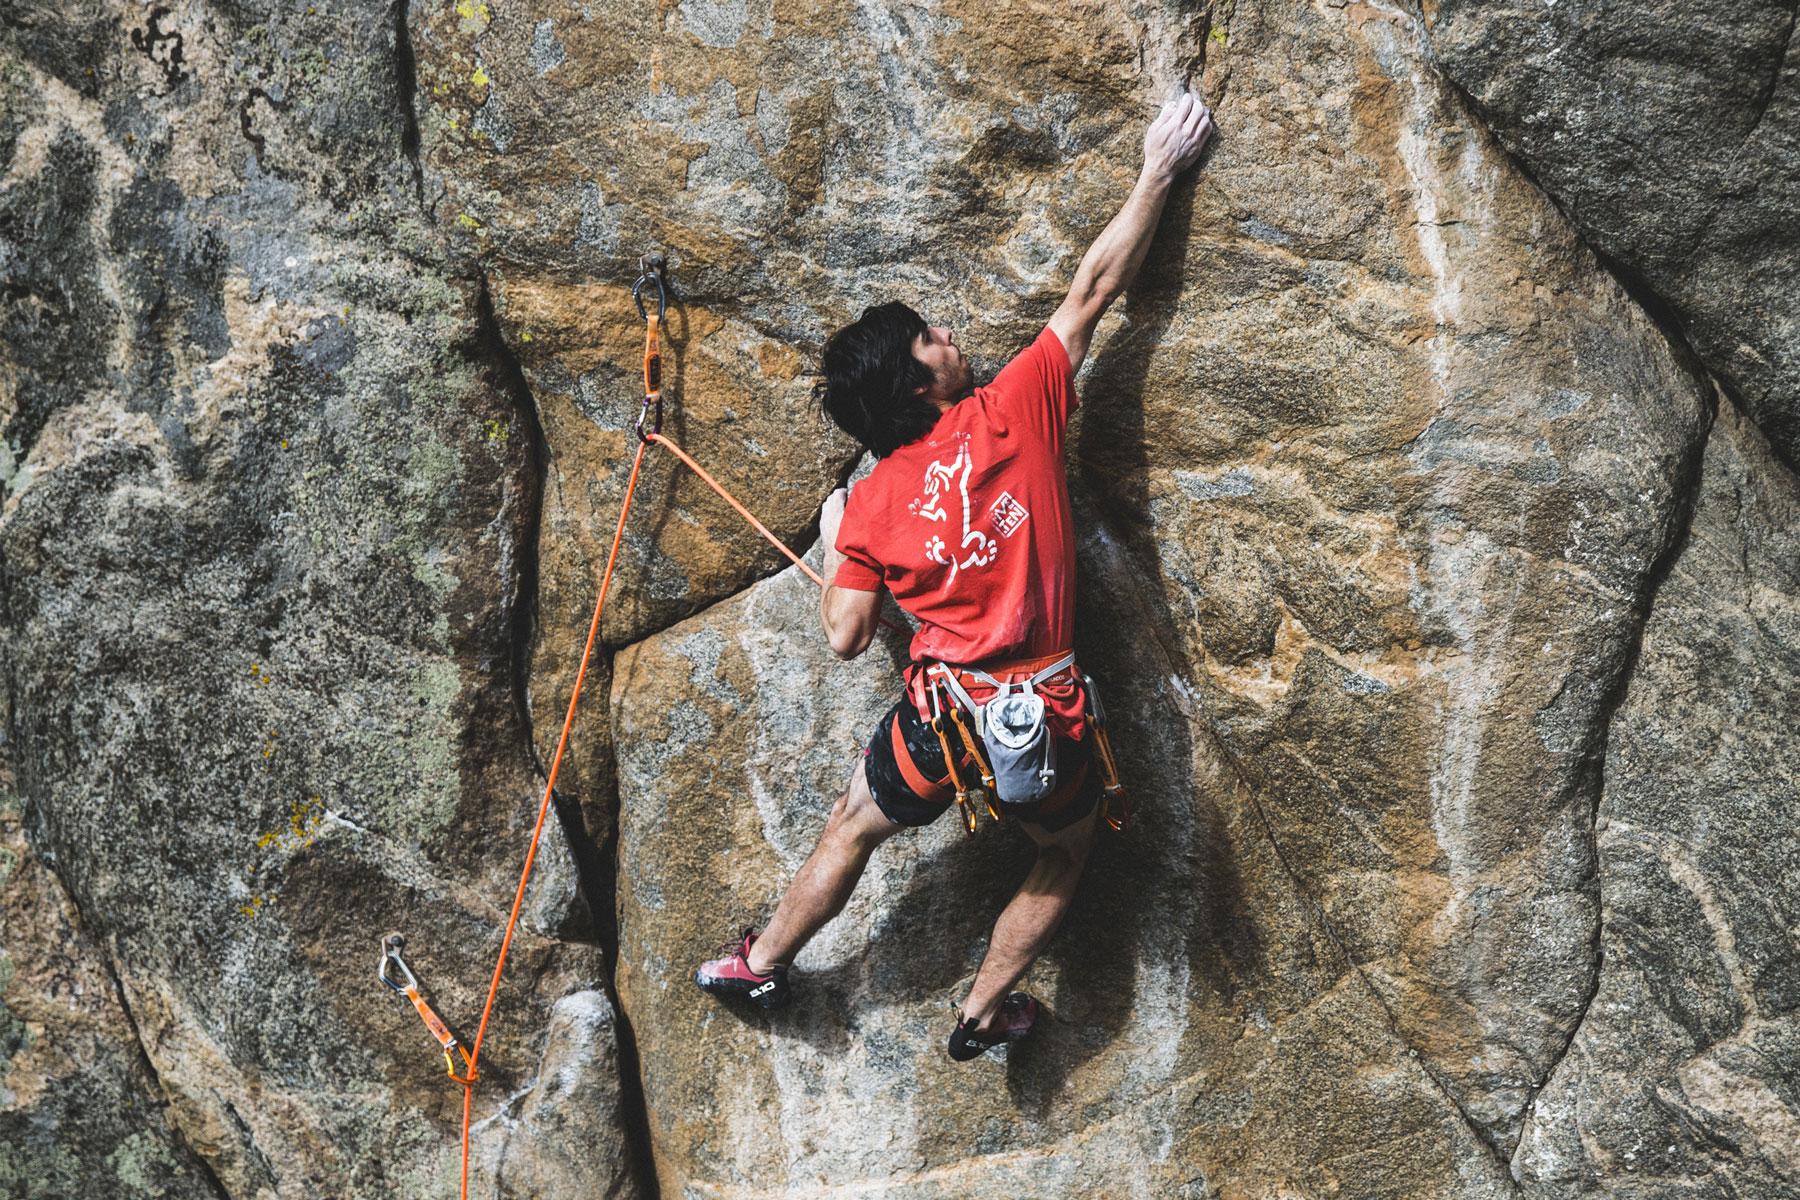 climbing - five ten's niad lace